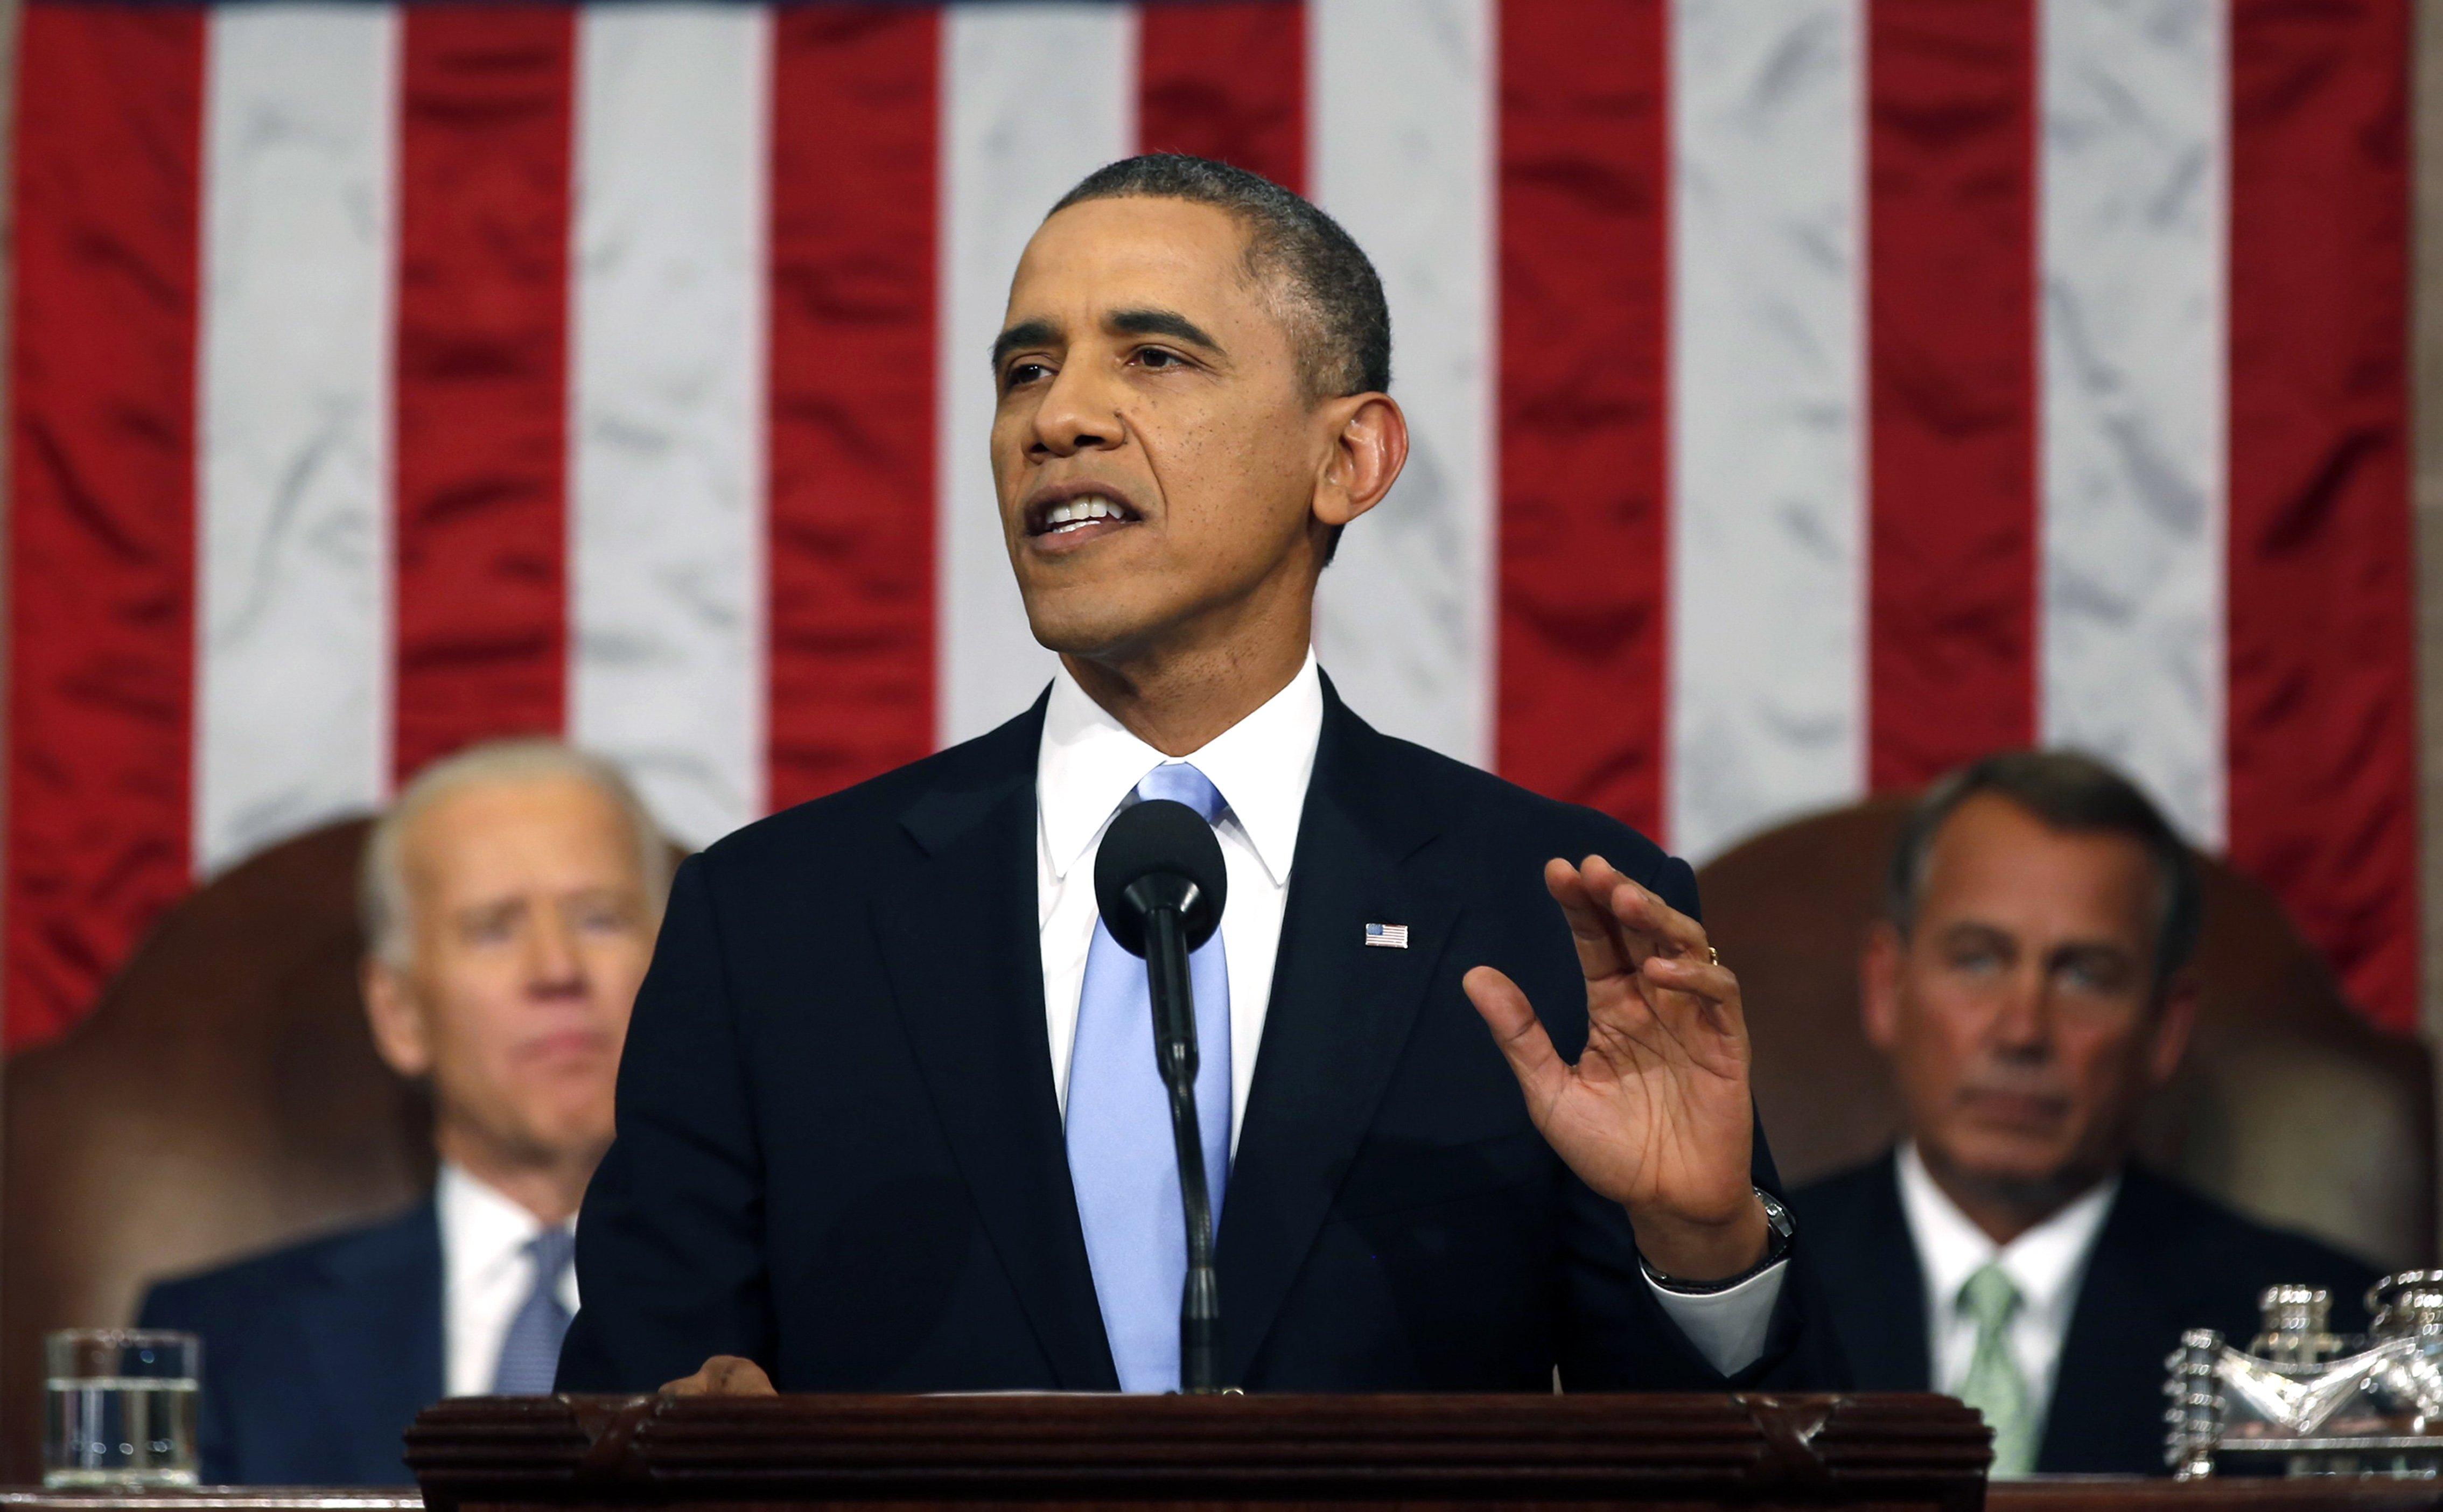 Barack Obama entre dans l'Histoire en prononçant pour la 1ère fois les mots lesbiennes, bisexuelles et transgenres dans le discours sur l'état de l'Union